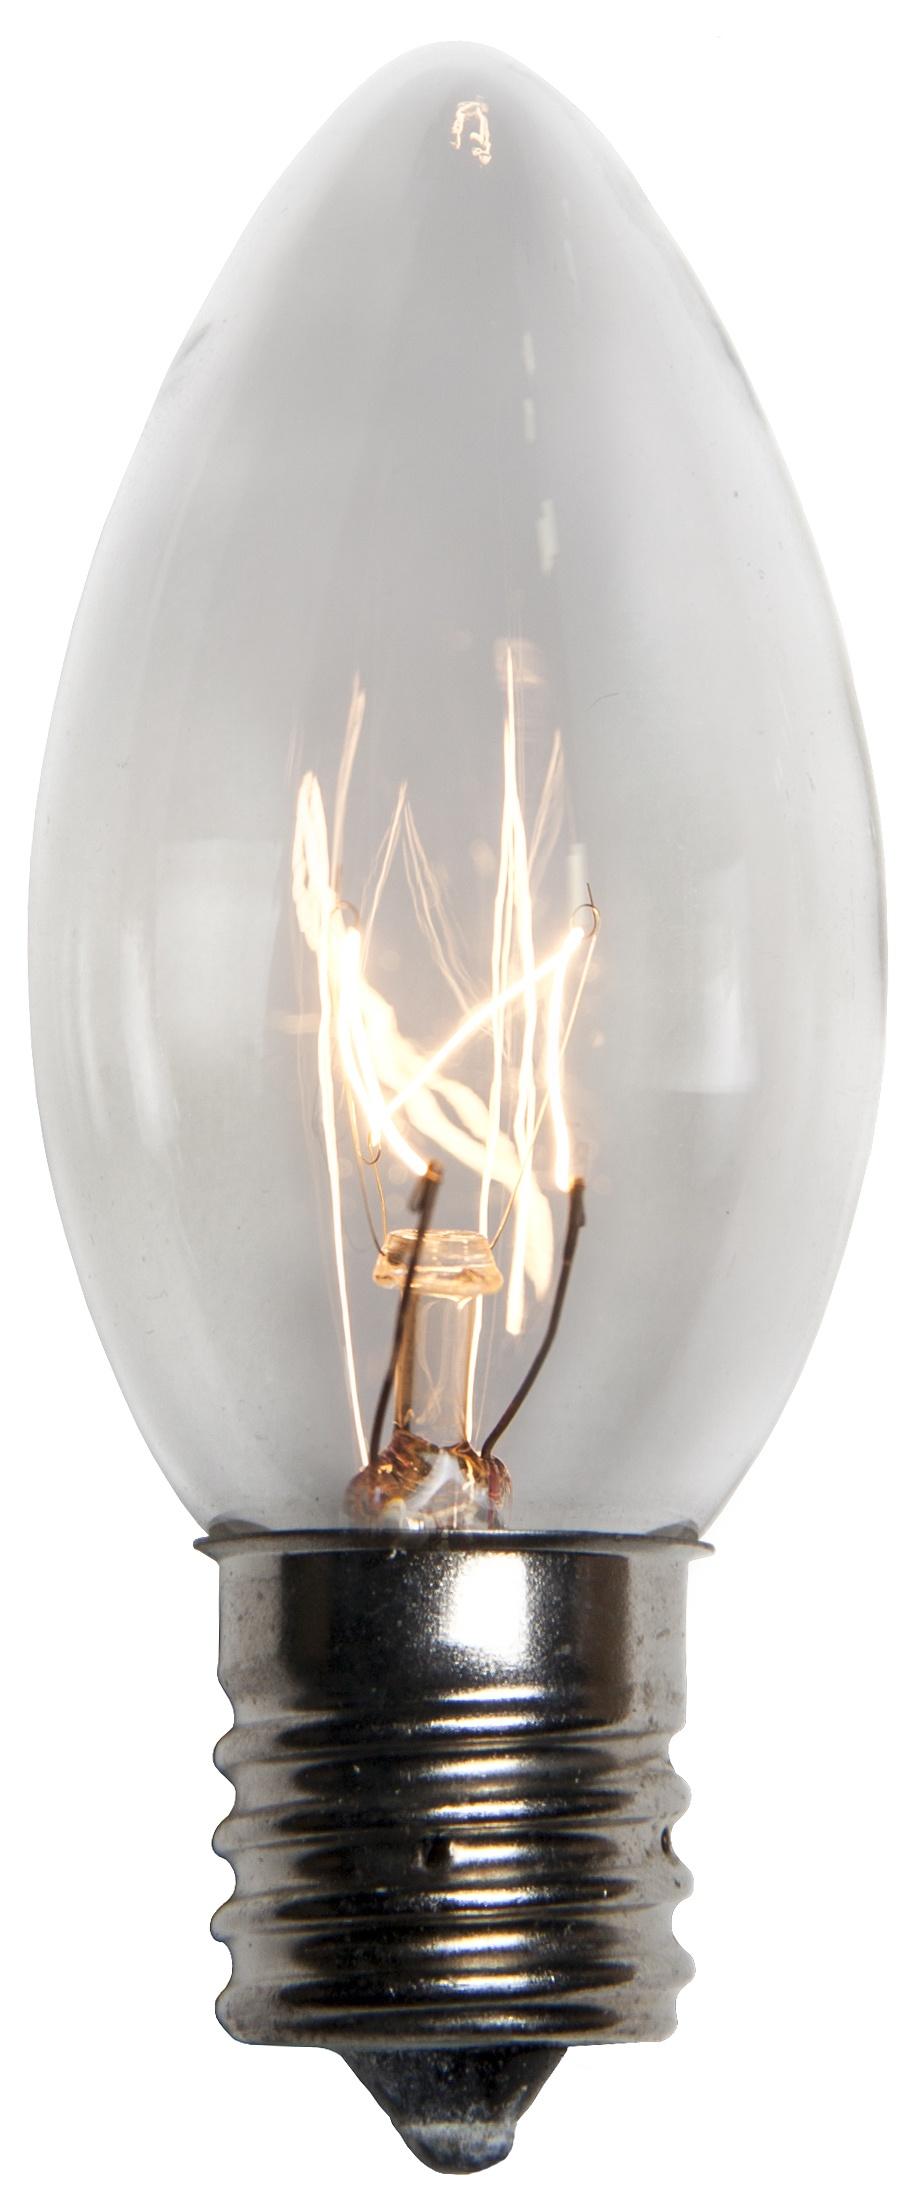 C9 Christmas Light Bulb  C9 Clear Christmas Light Bulbs